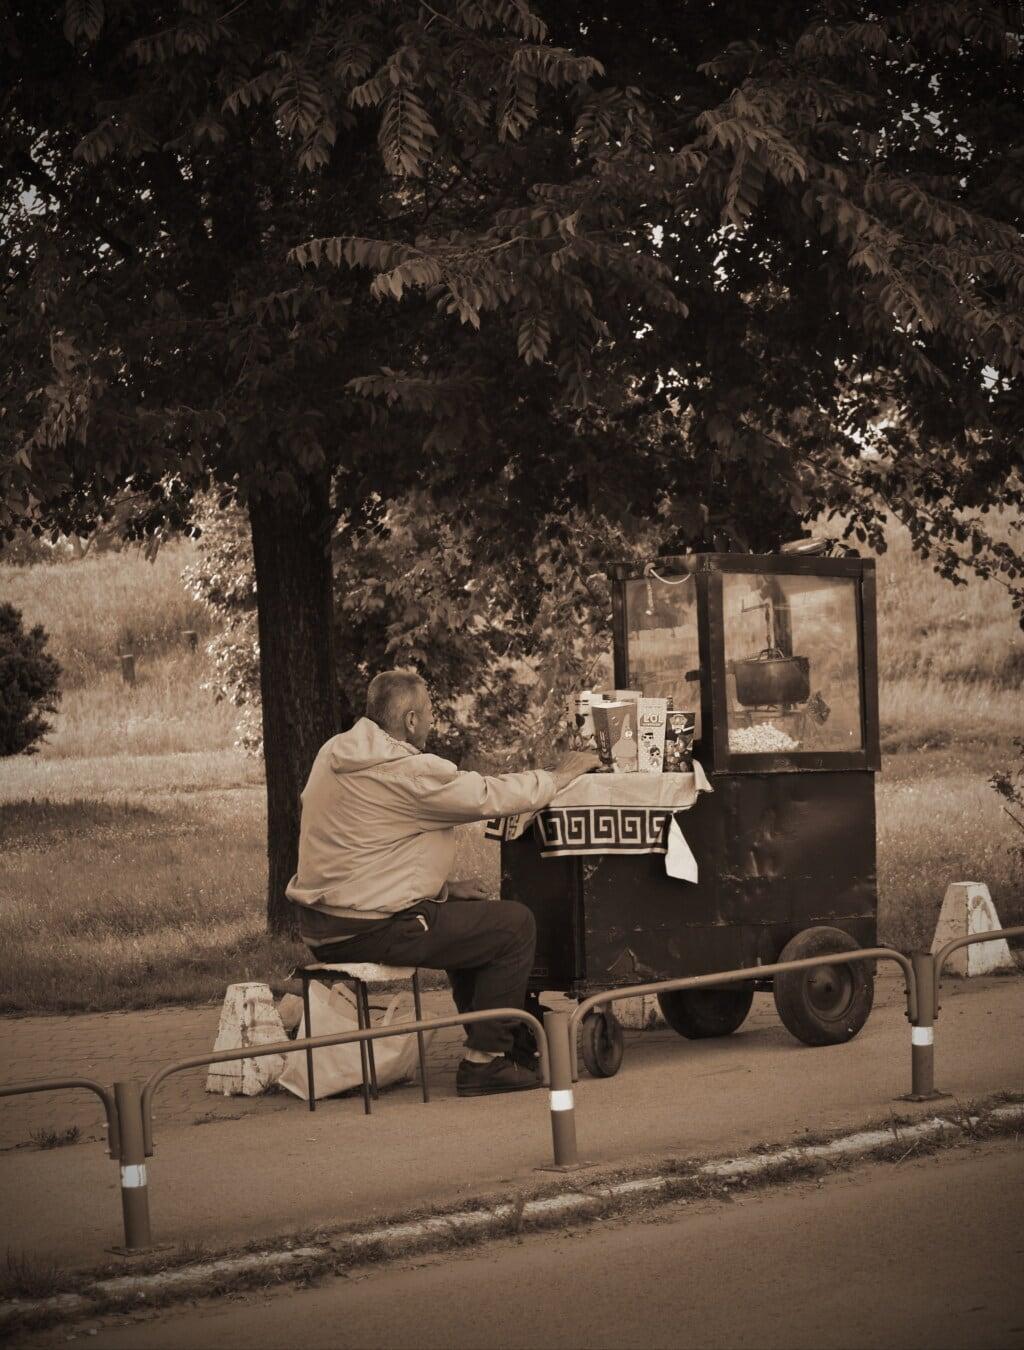 vendeur, maïs soufflé, homme, sépia, nostalgie, rue, zone urbaine, monochrome, gens, véhicule